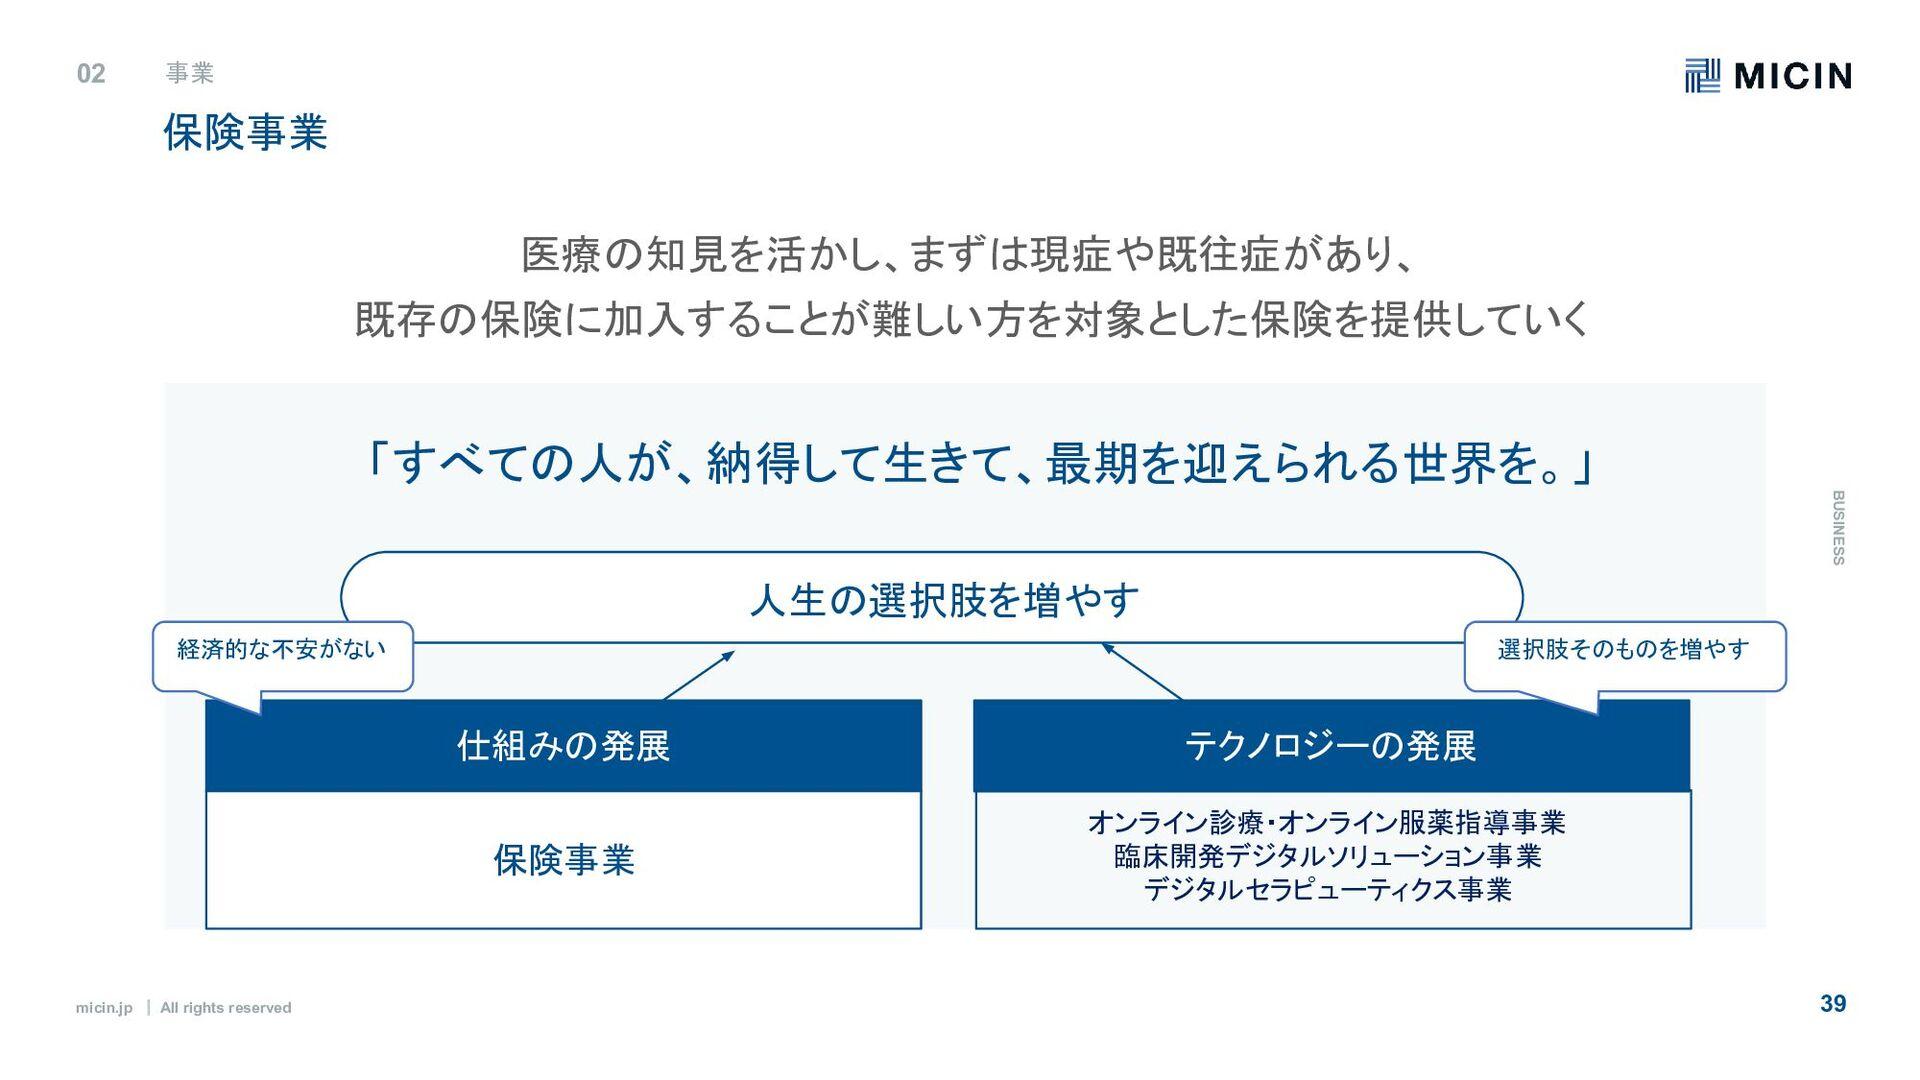 micin.jp ʛ All rights reserved 39 メンバー紹介 03 MIC...